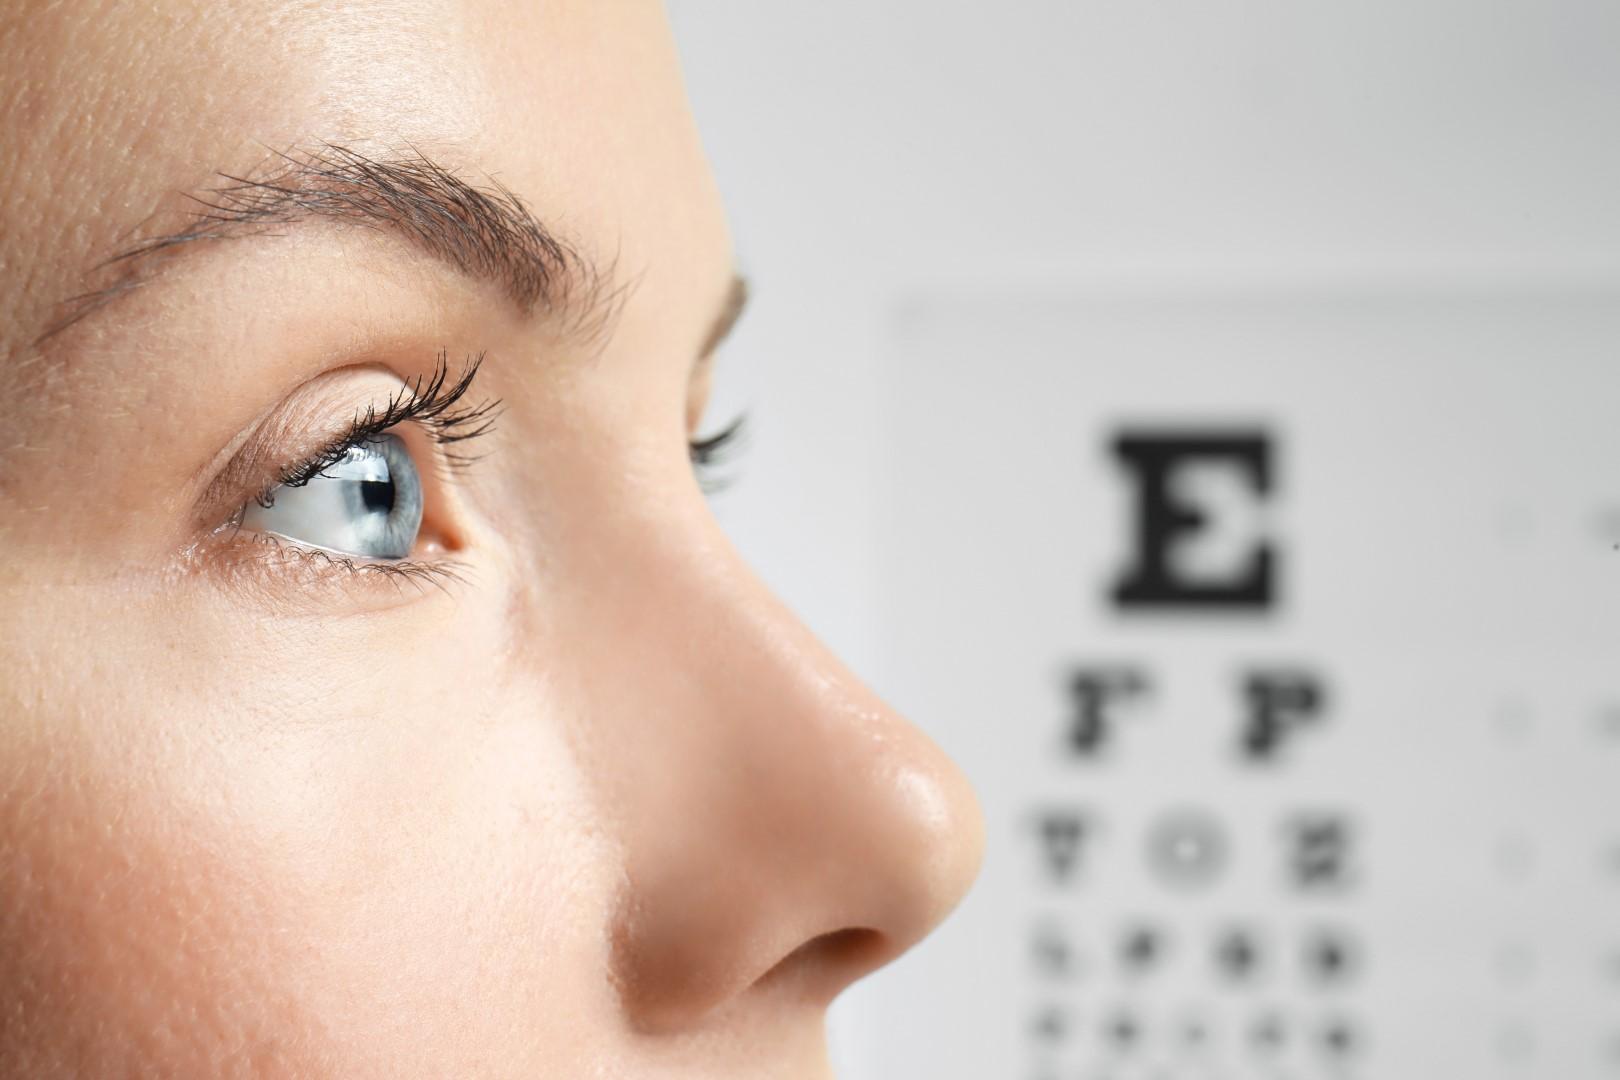 Витамины и БАДы для улучшения зрения в интернет-магазине BeautyShop